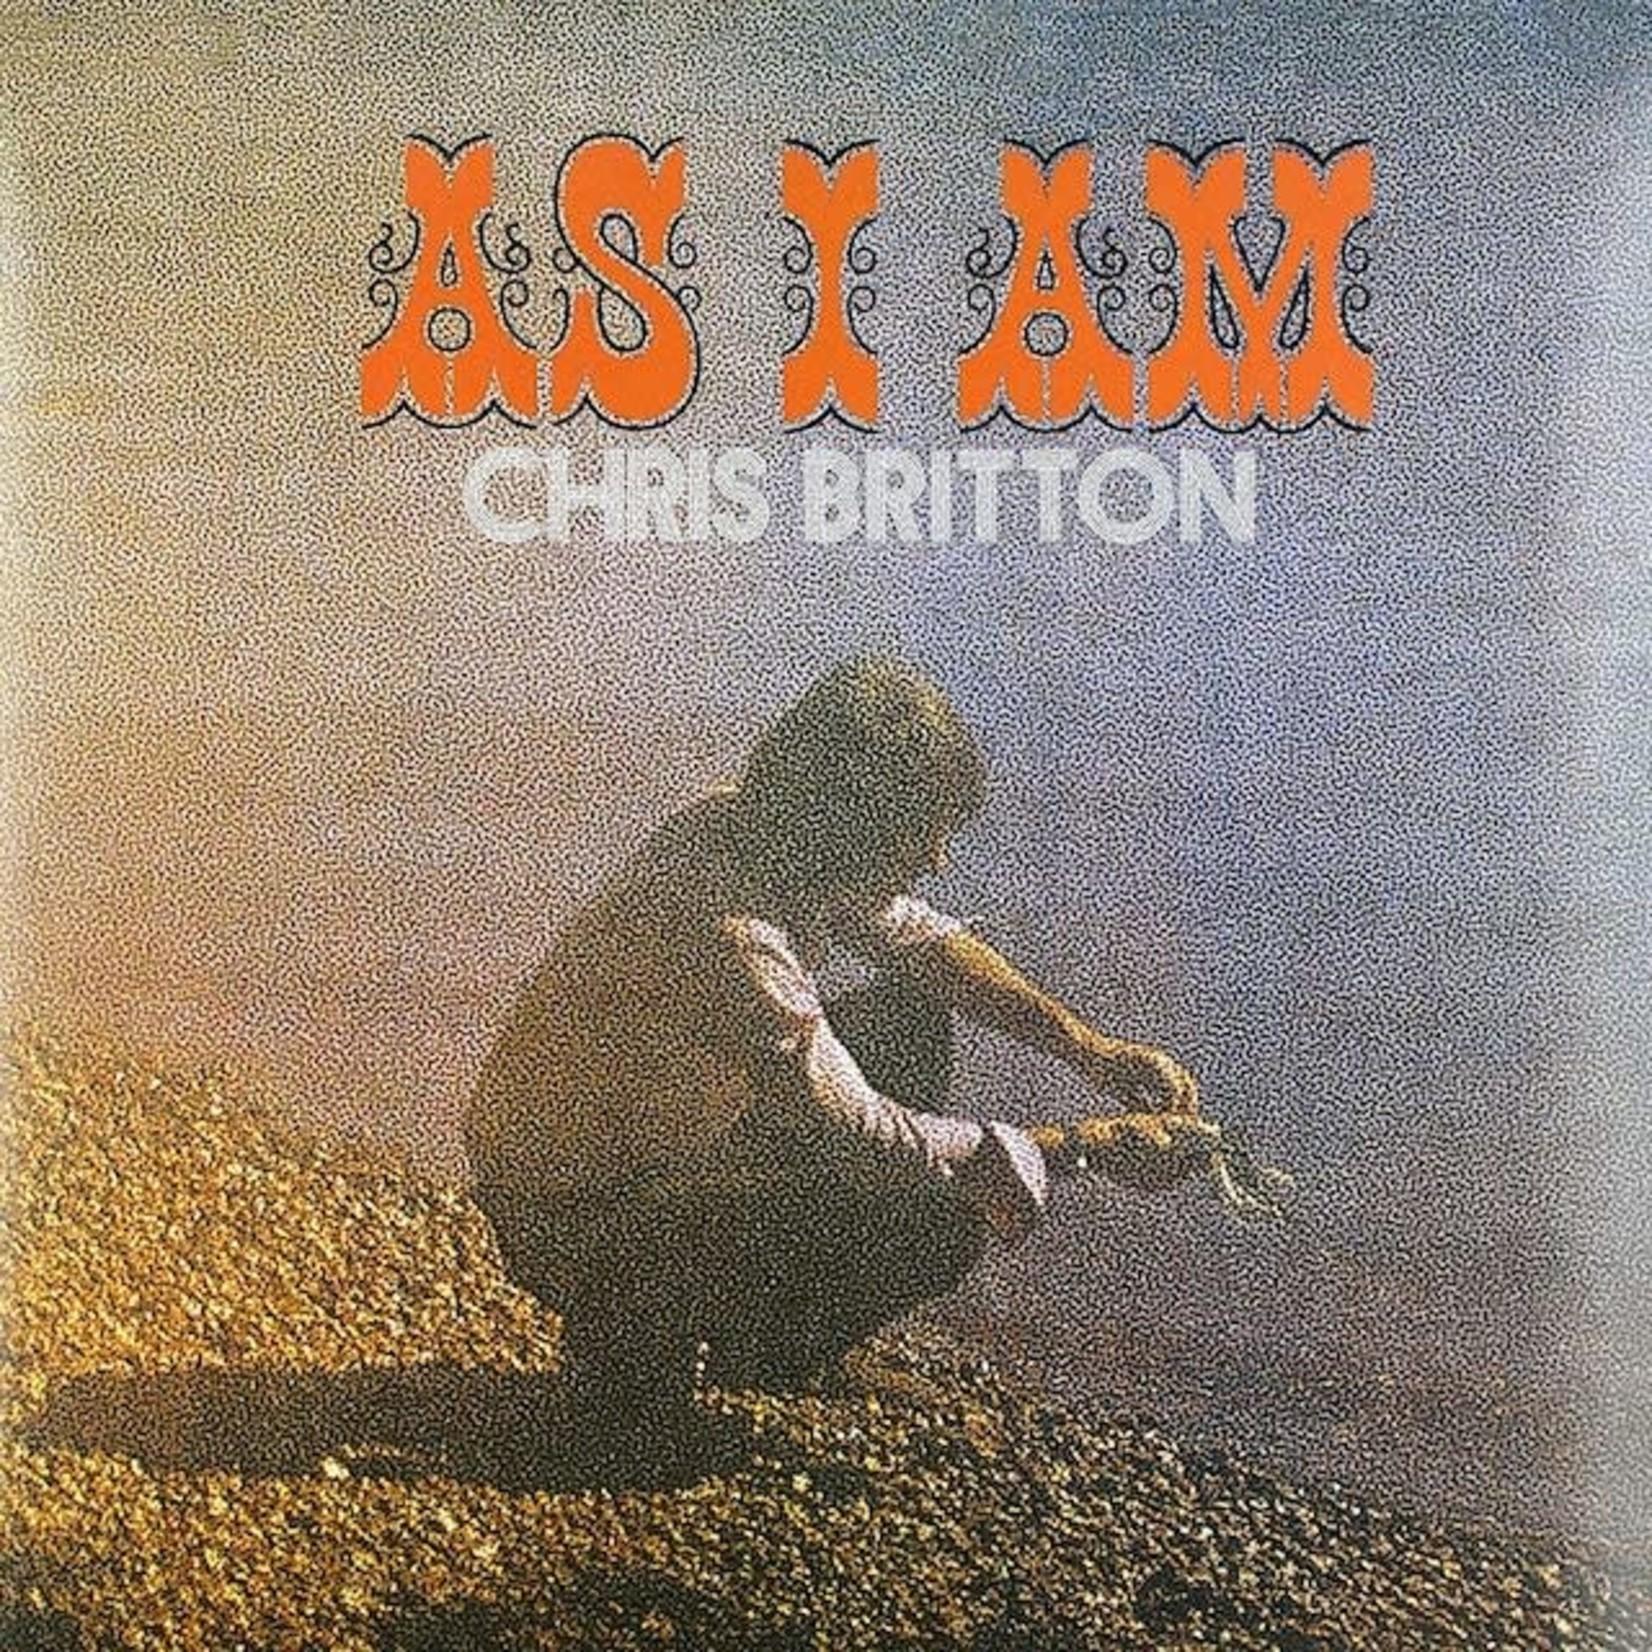 Vinyl Chris Britton - As I Am